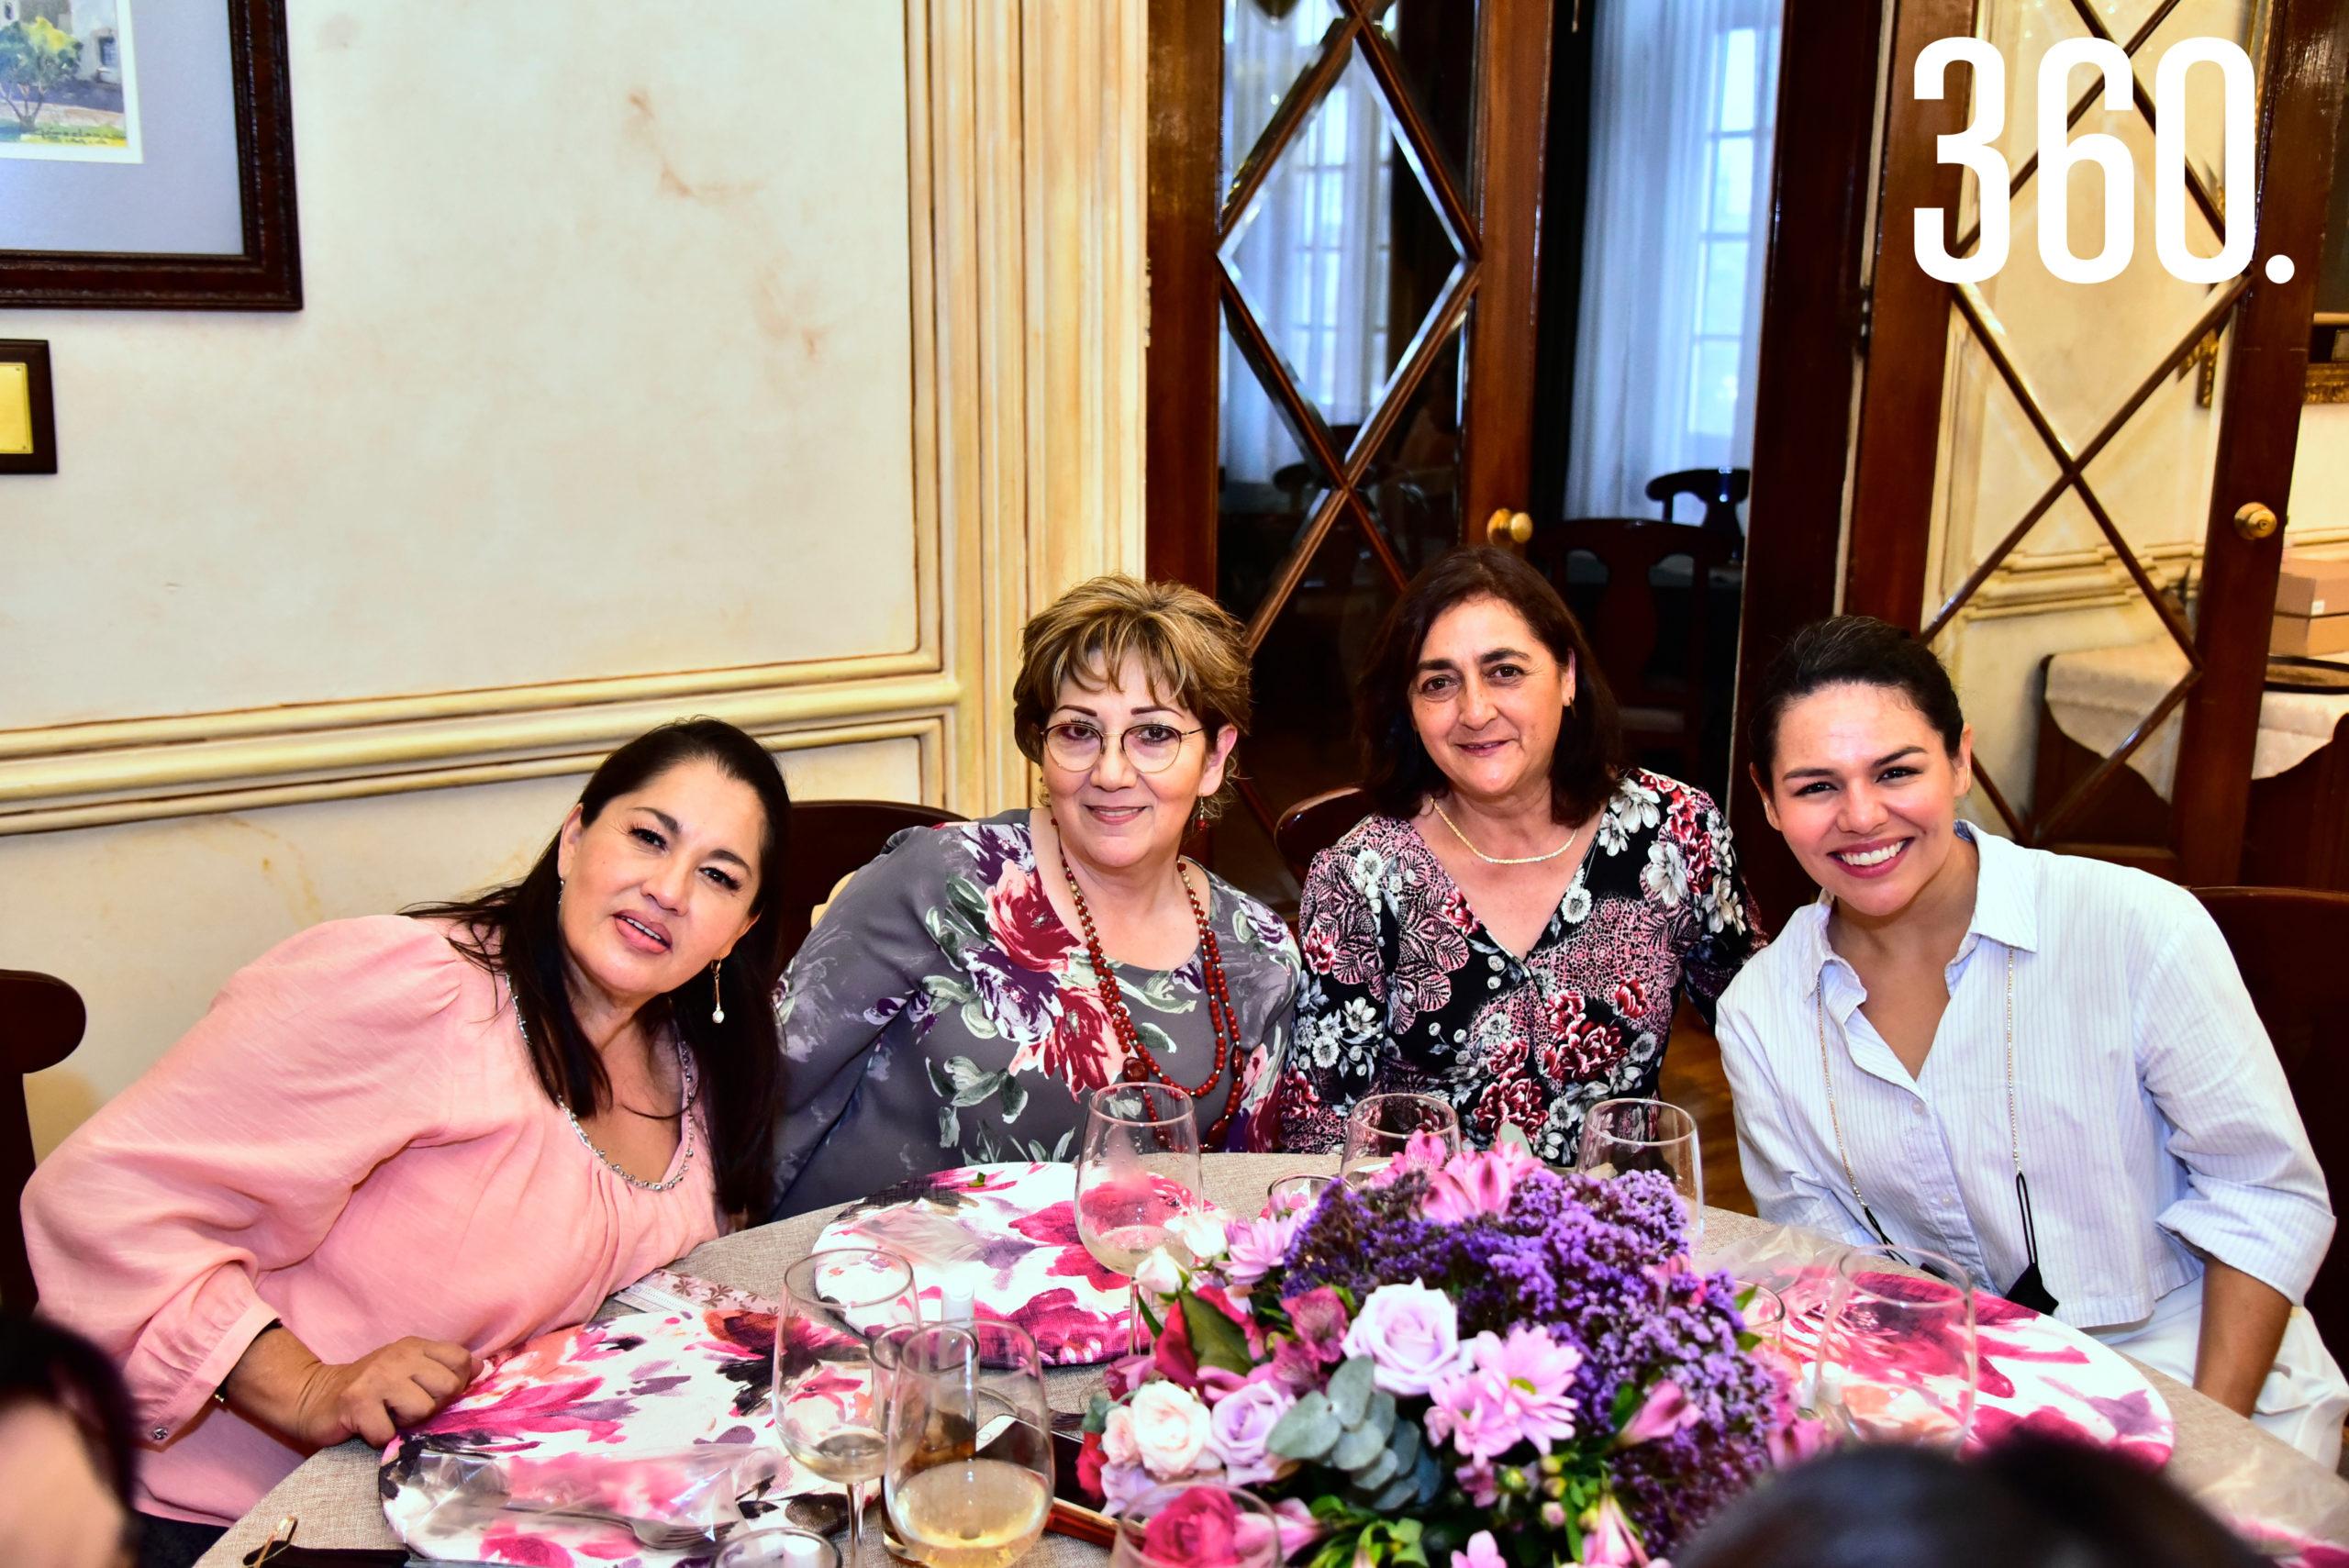 Diana Hernández, Lorena Garza, Patricia Durón y Perla Cabral.